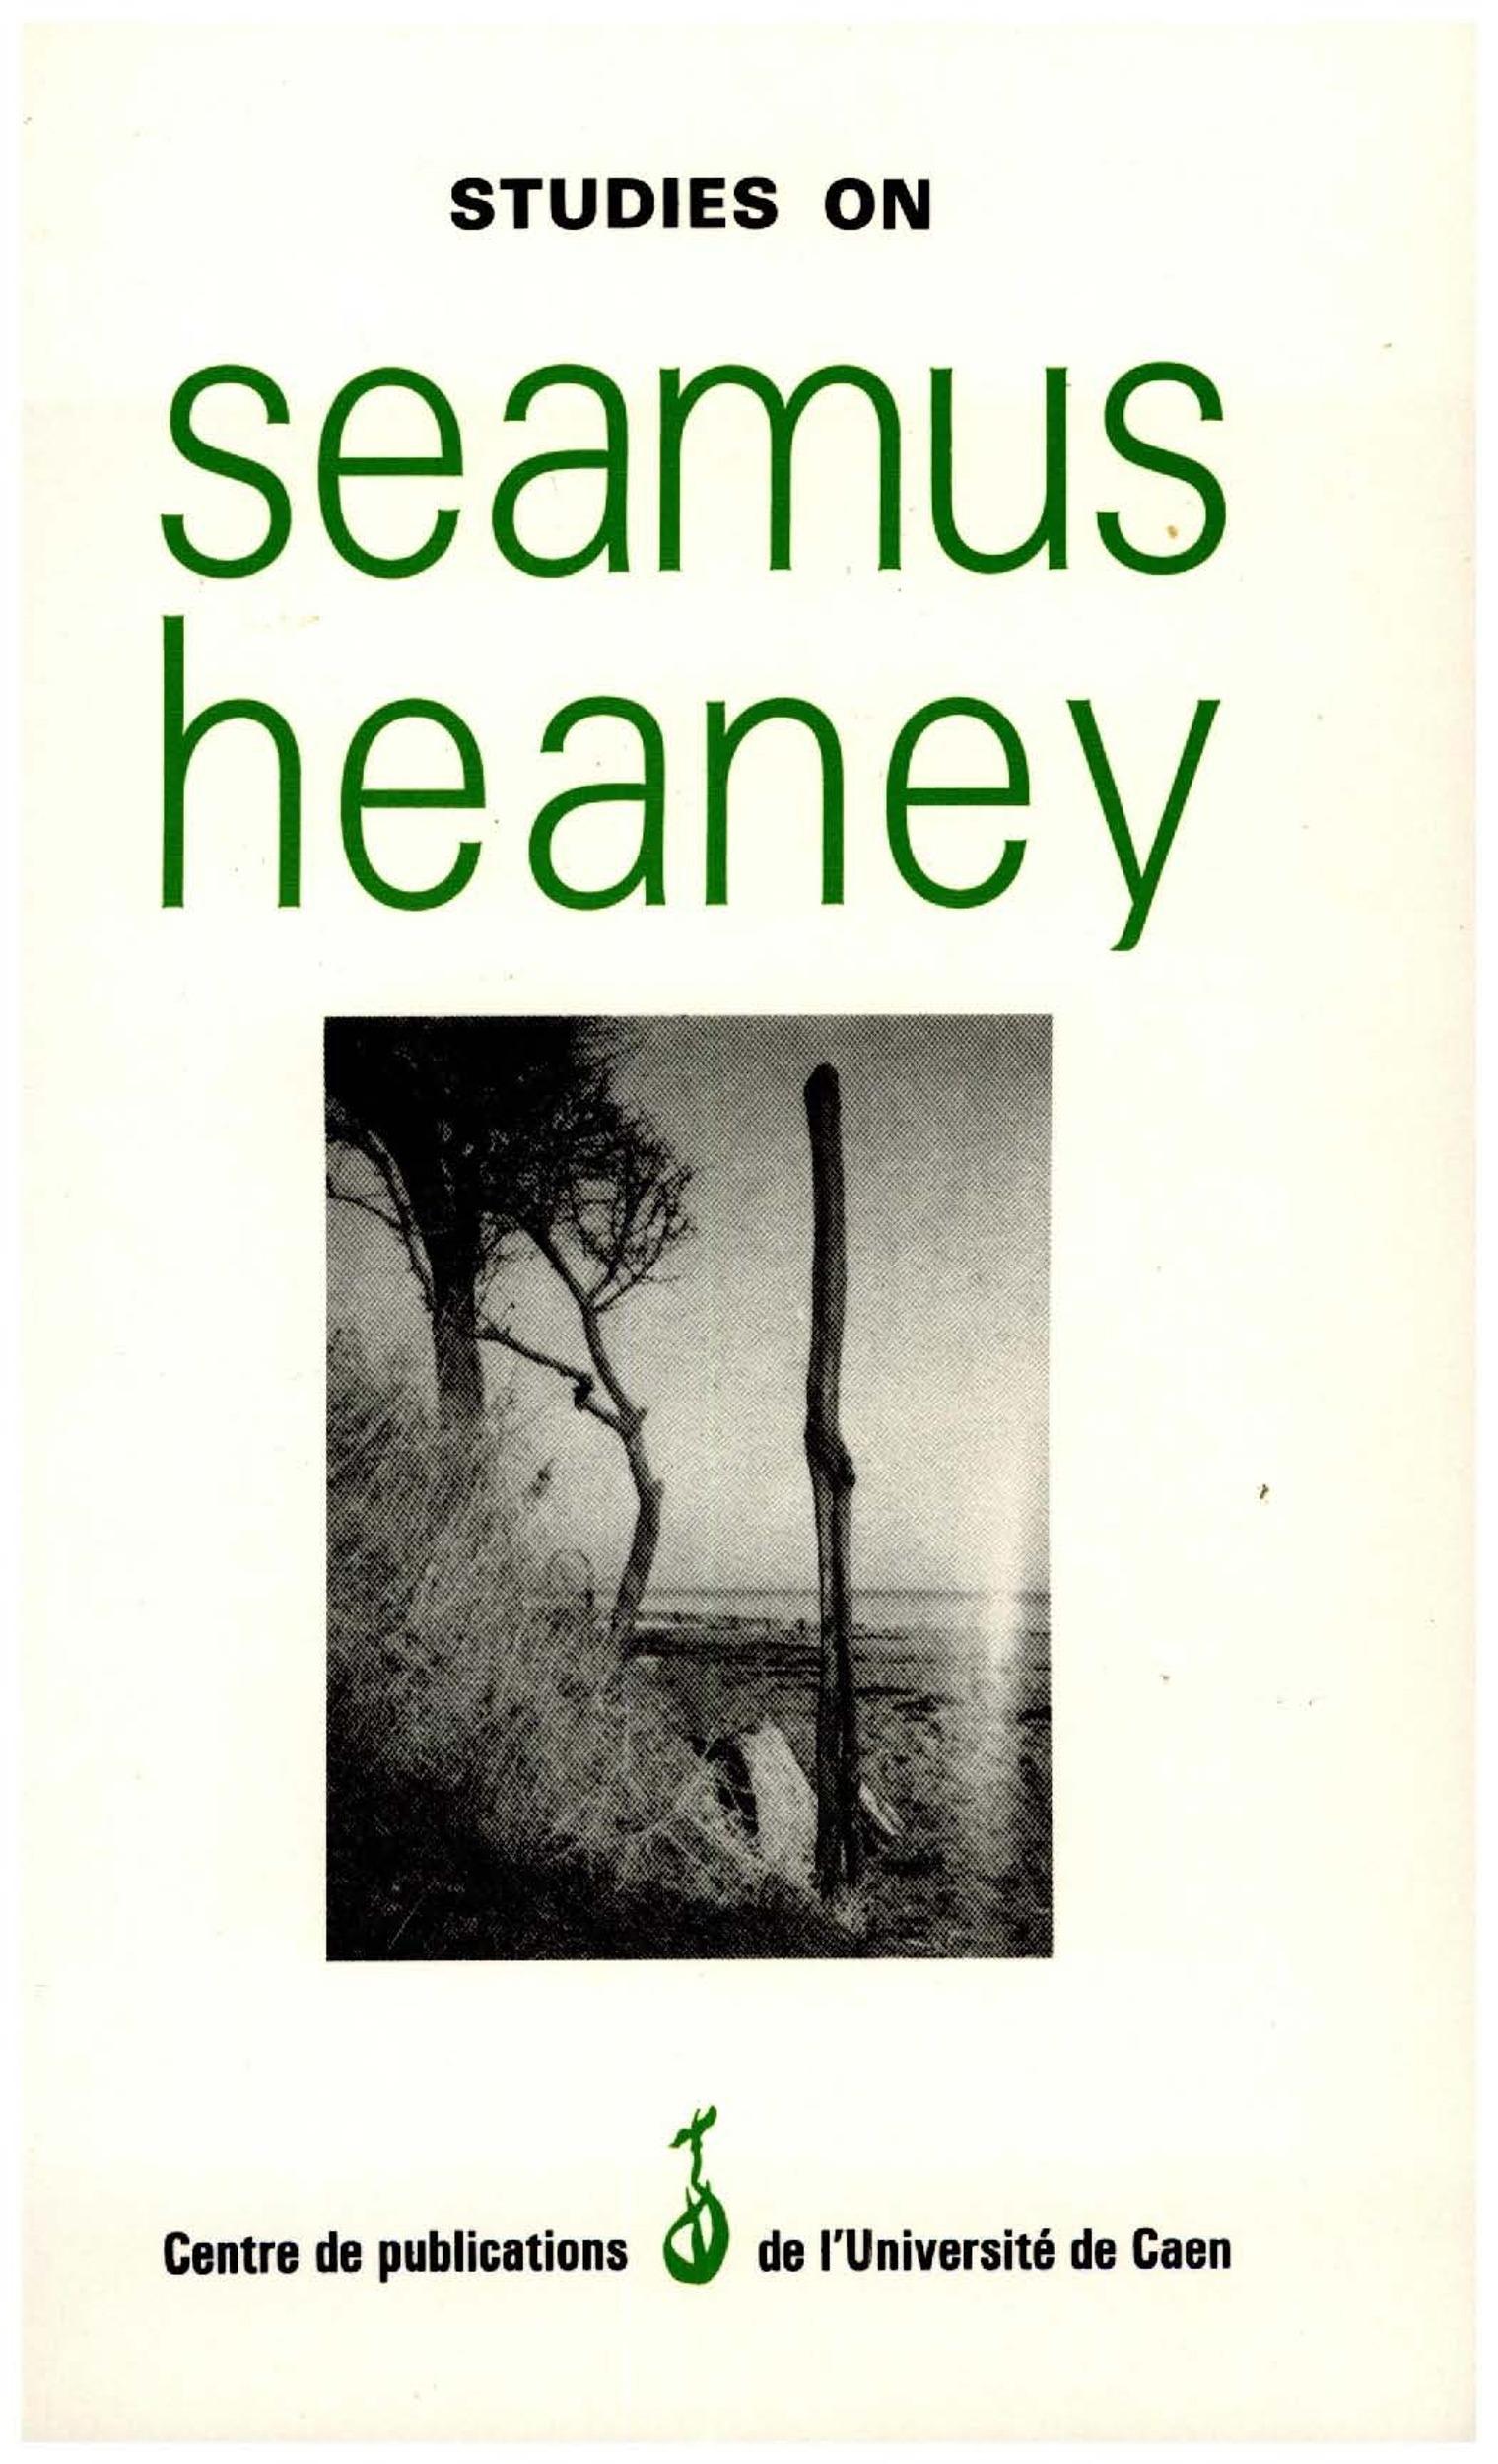 Studies on Seamus Heaney